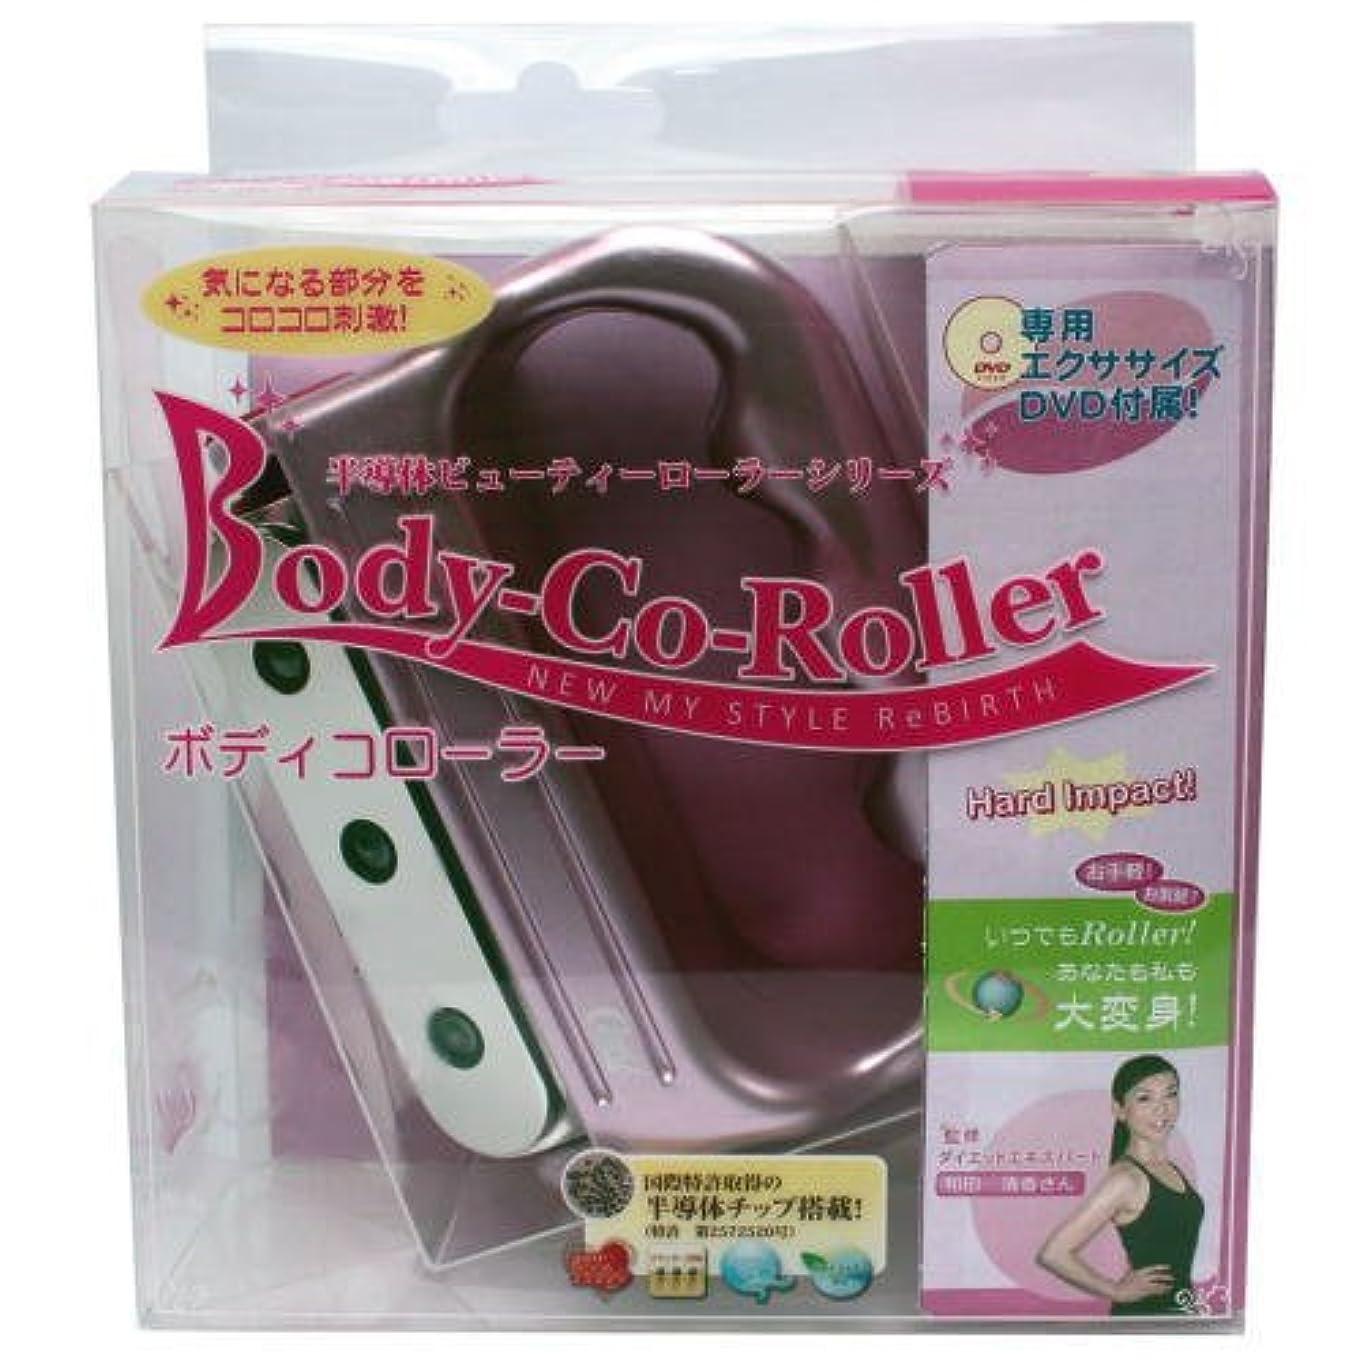 破裂チャット絶対のボディコローラー BCR-PS DVD付モデル